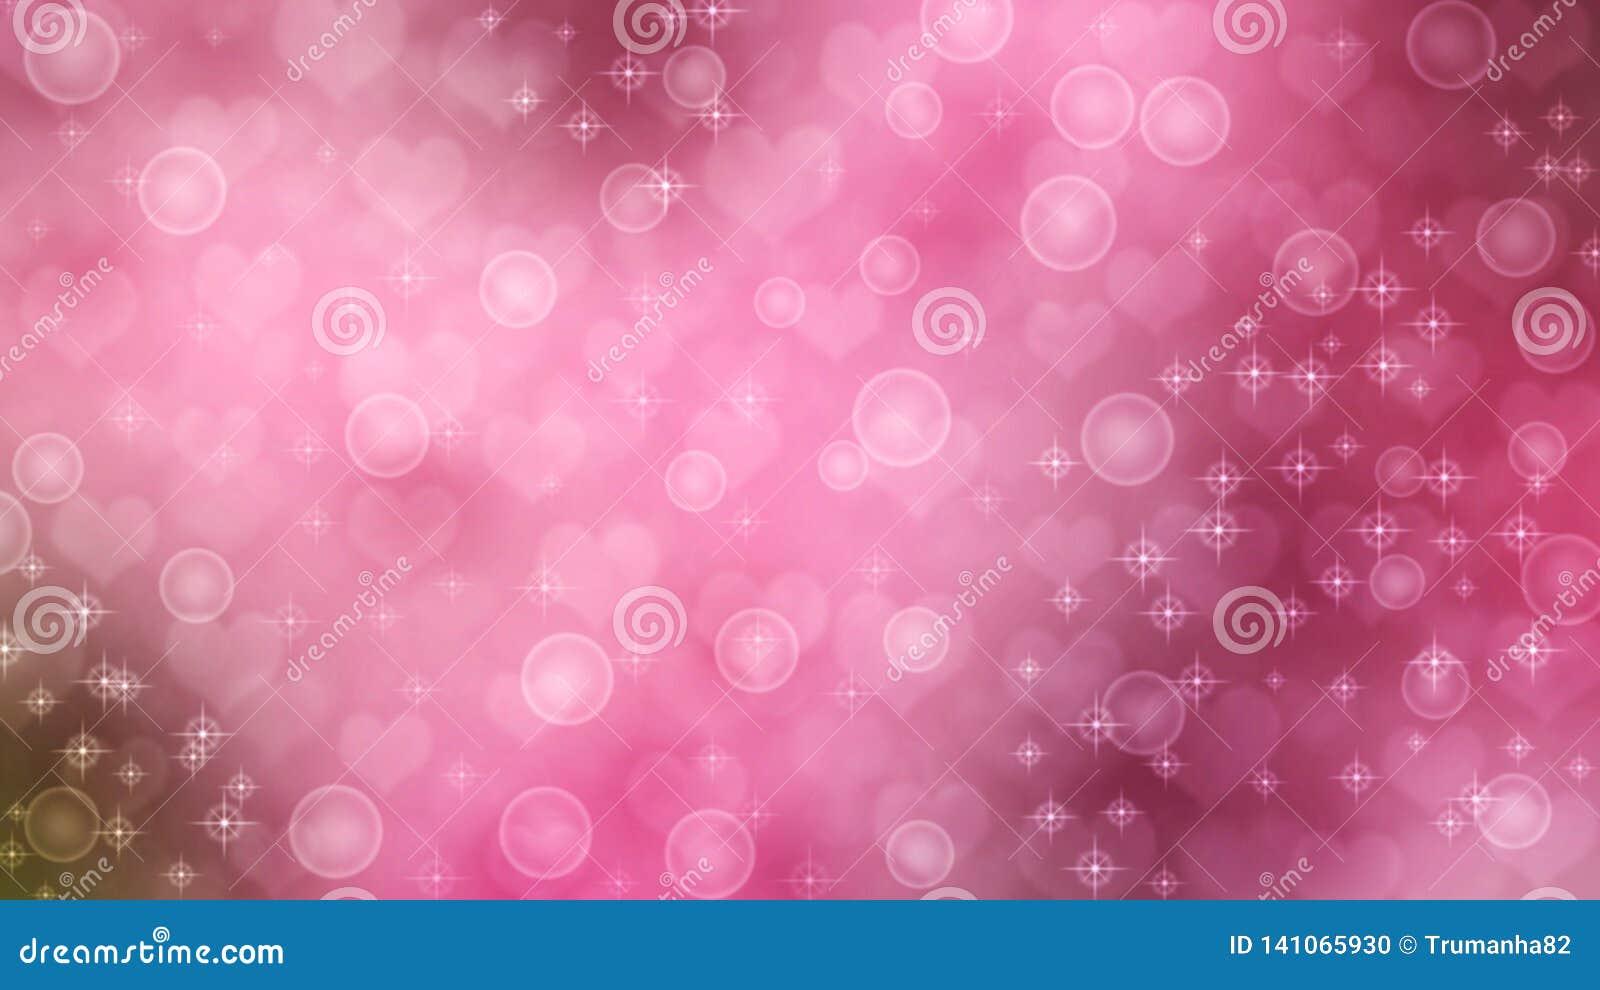 Corazones, chispas y burbujas abstractos en fondo rosado